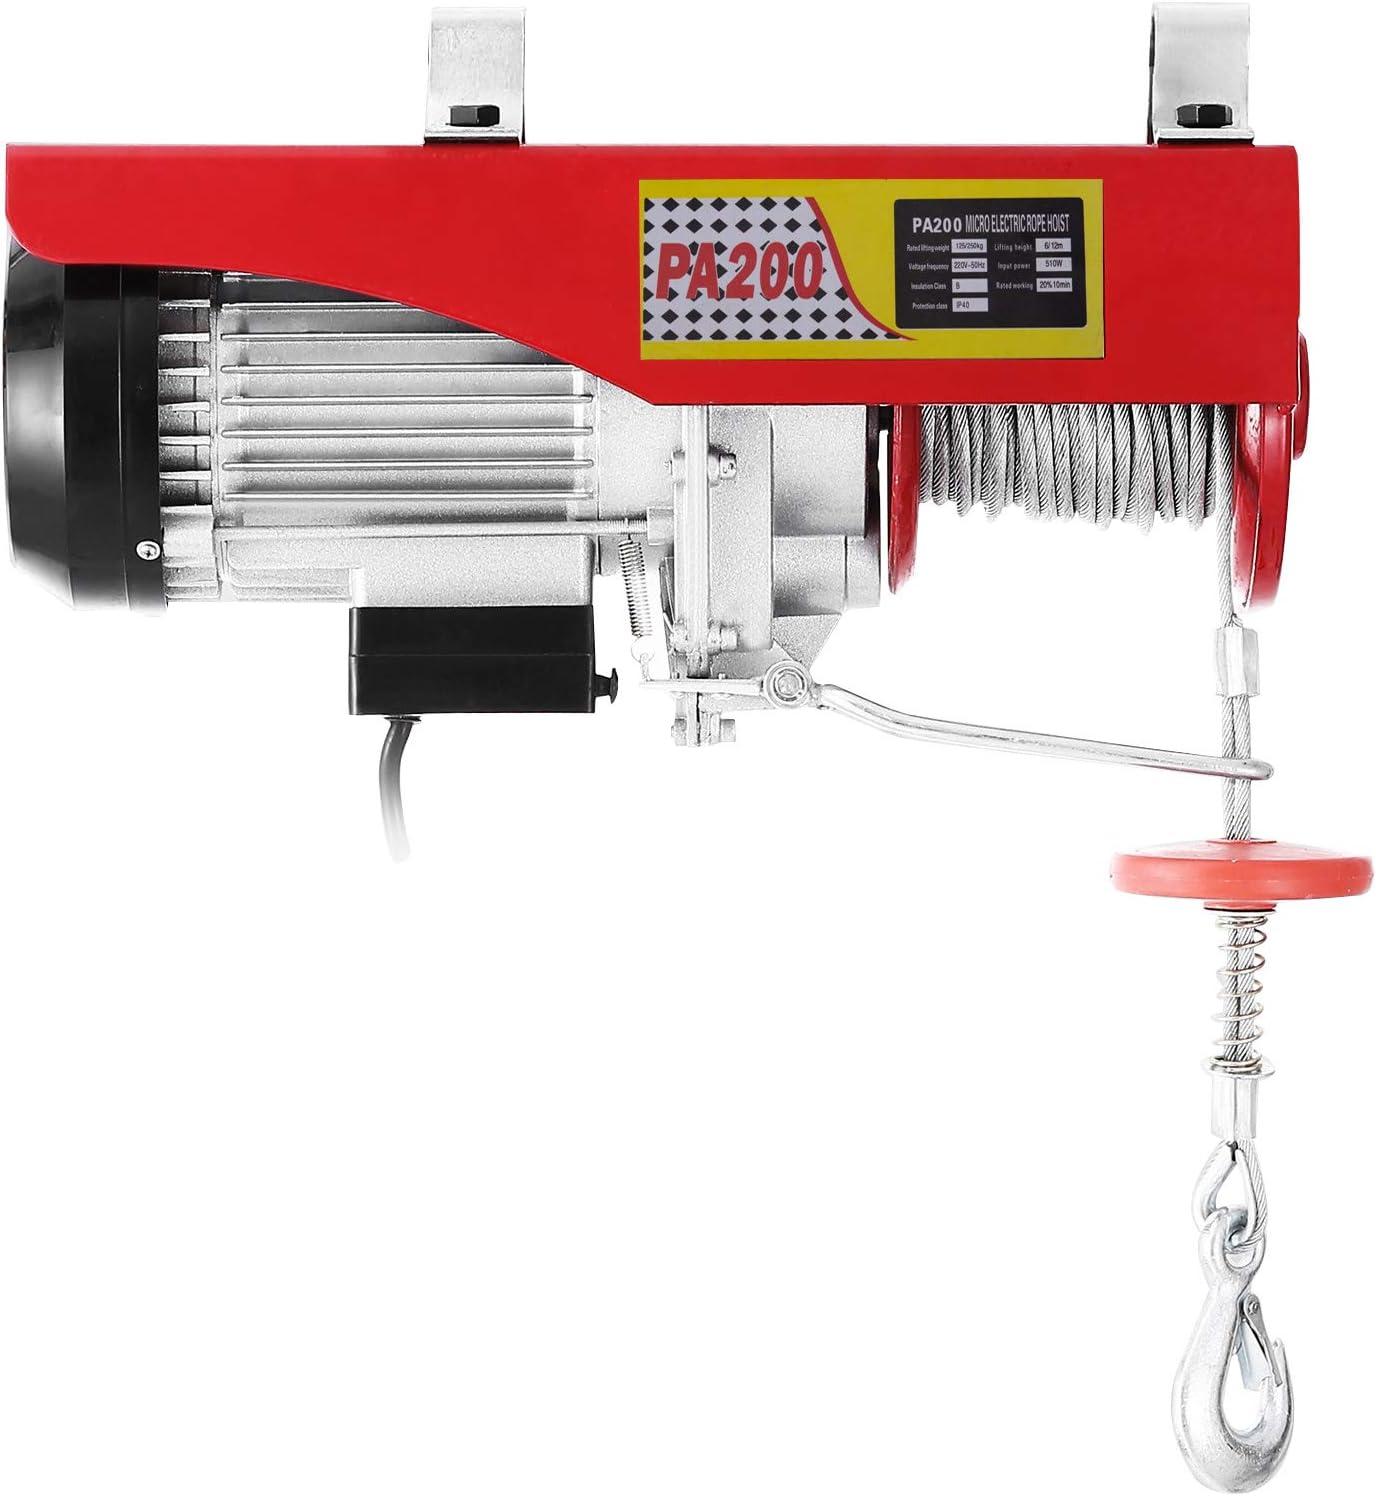 VEVOR 200KG 440LBS Polipasto Eléctrico Longitud del Soporte de Poste de Montaje En Pared polipasto eléctrico para elevación Cabestrante de Cable Eléctrico